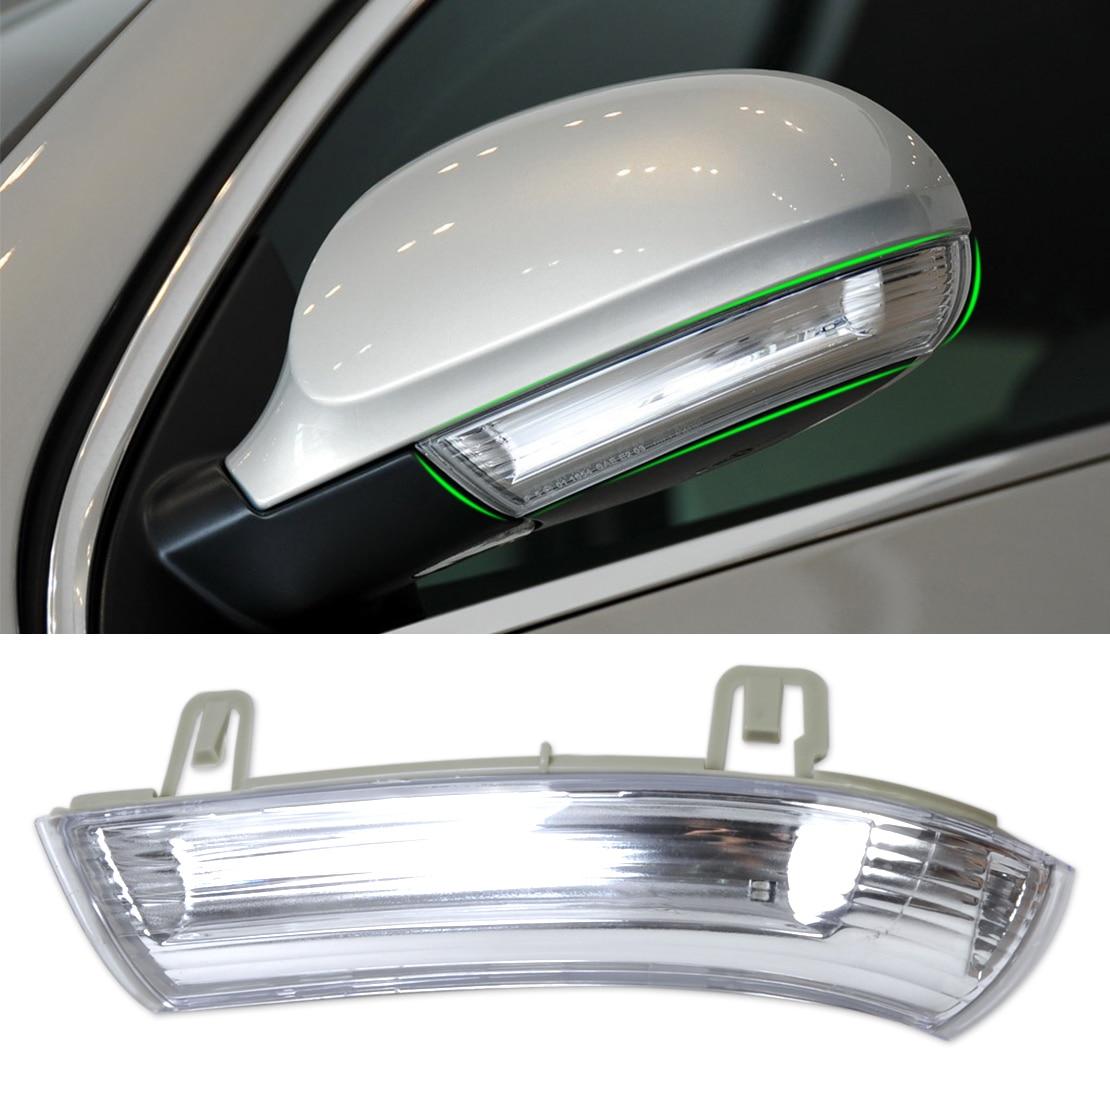 beler Left Side Mirror Indicator Turn Signal Light 1K0949101 For VW GOLF GTI JETTA MK5 PASSAT RABBIT Skoda SUPERB SEAT ALHAMBRA 1 psc left side mirror indicator light turn signal lamp for mazda 6 2 0l 2008